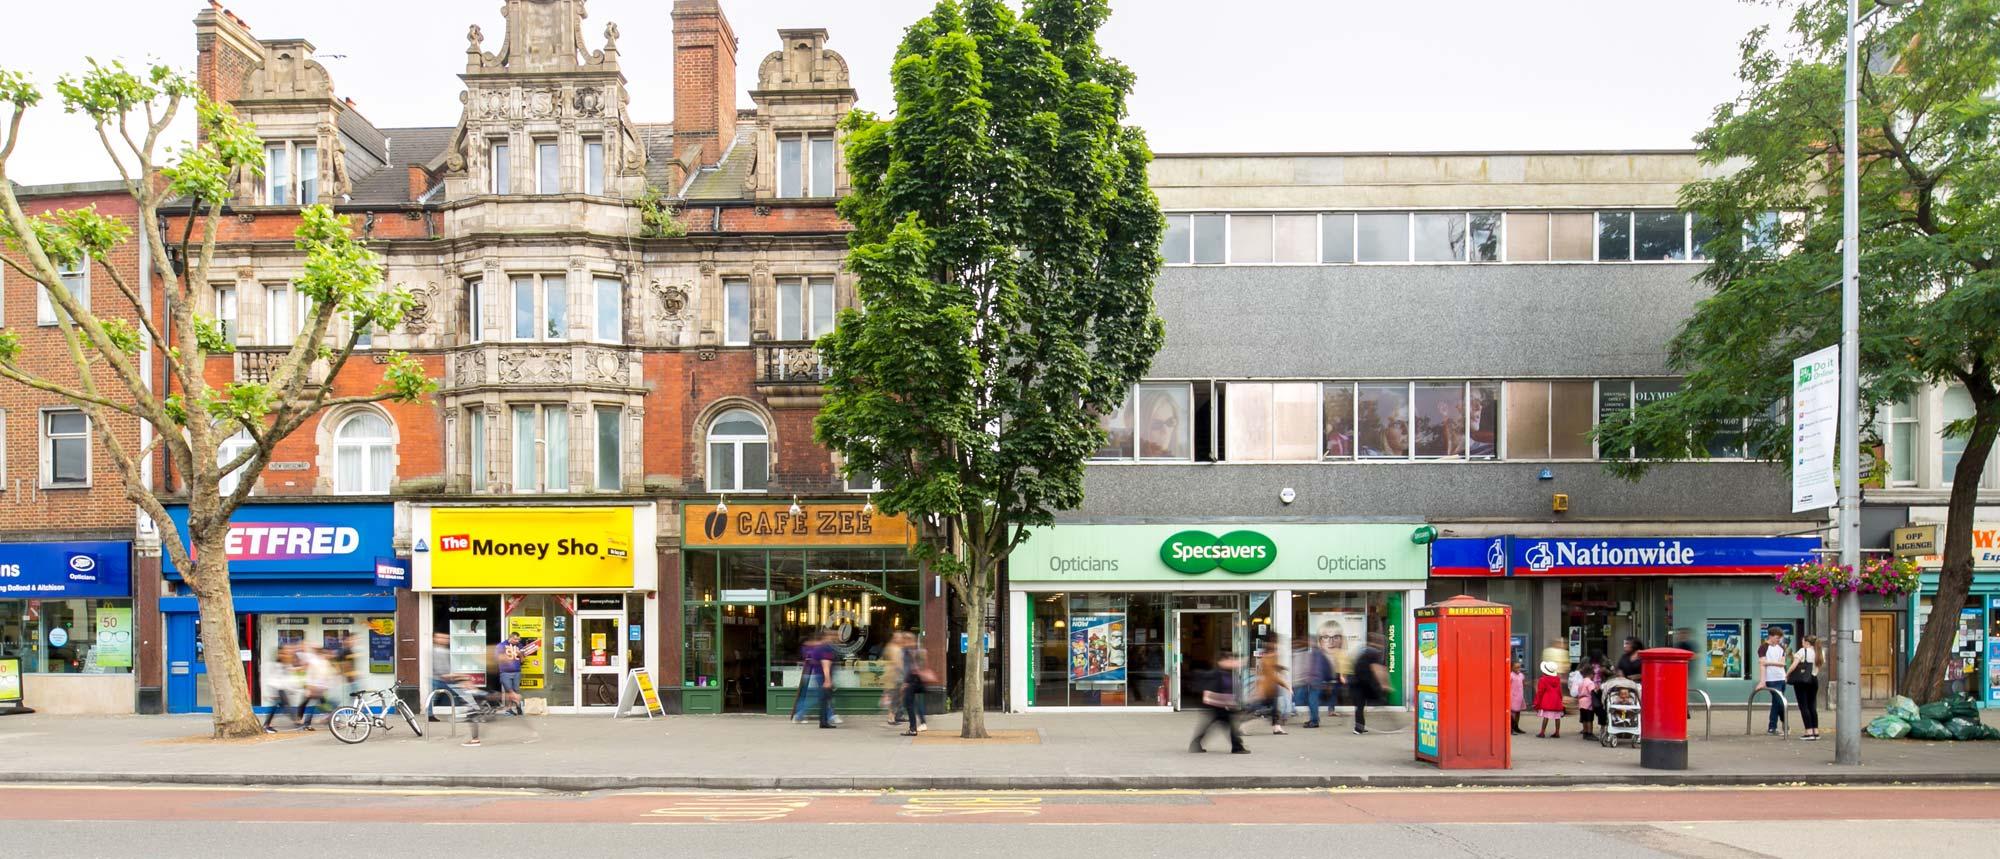 Wide shot of Ealing shops